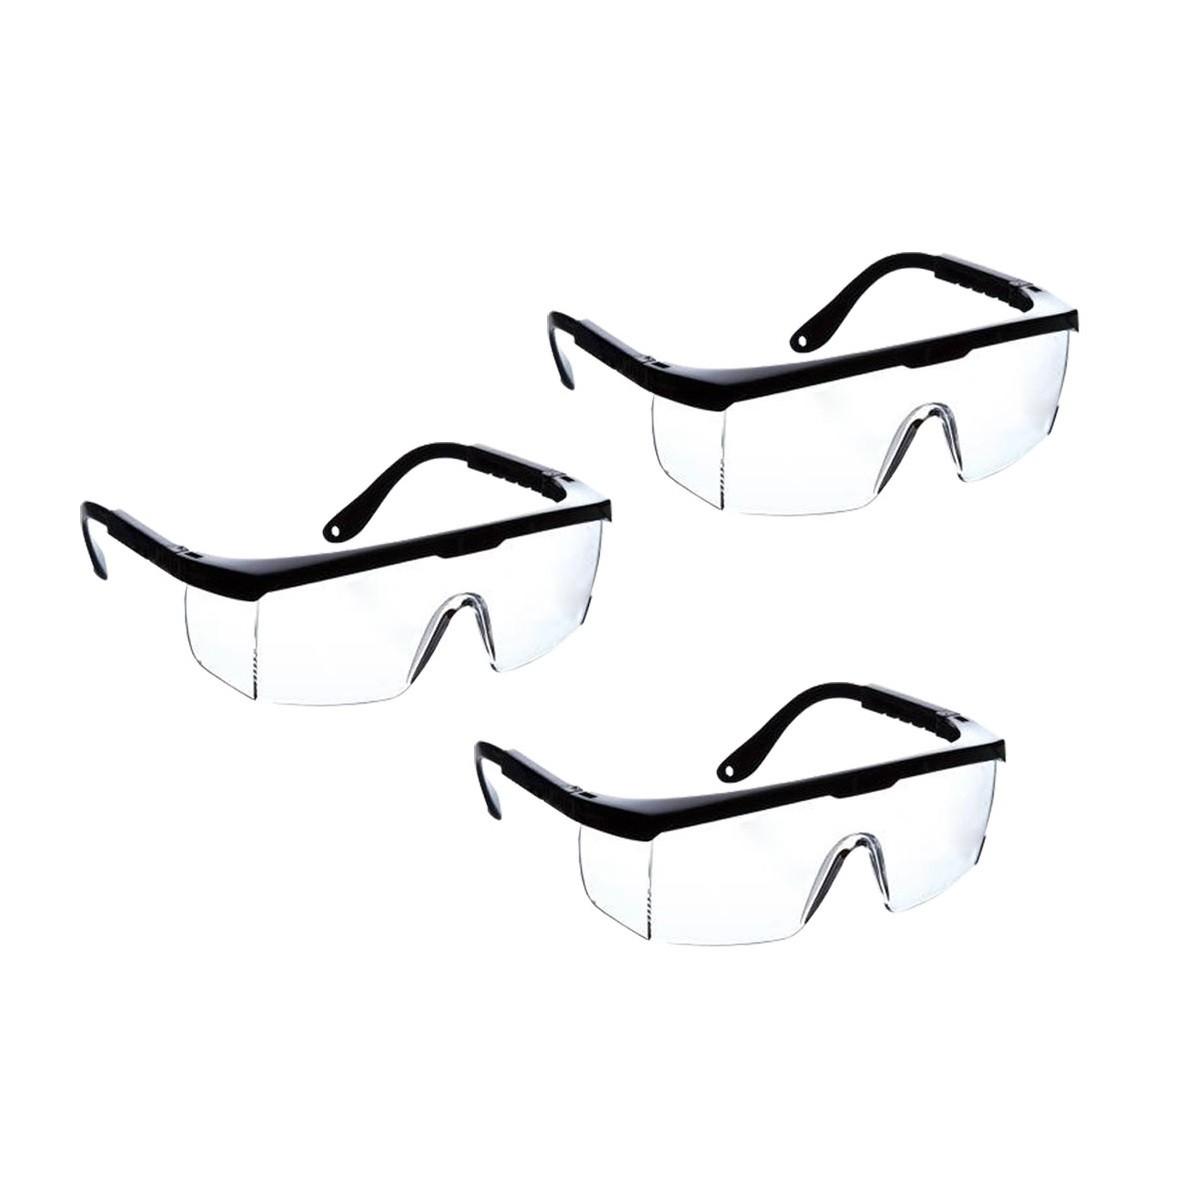 kit com 3 Óculos de segurança